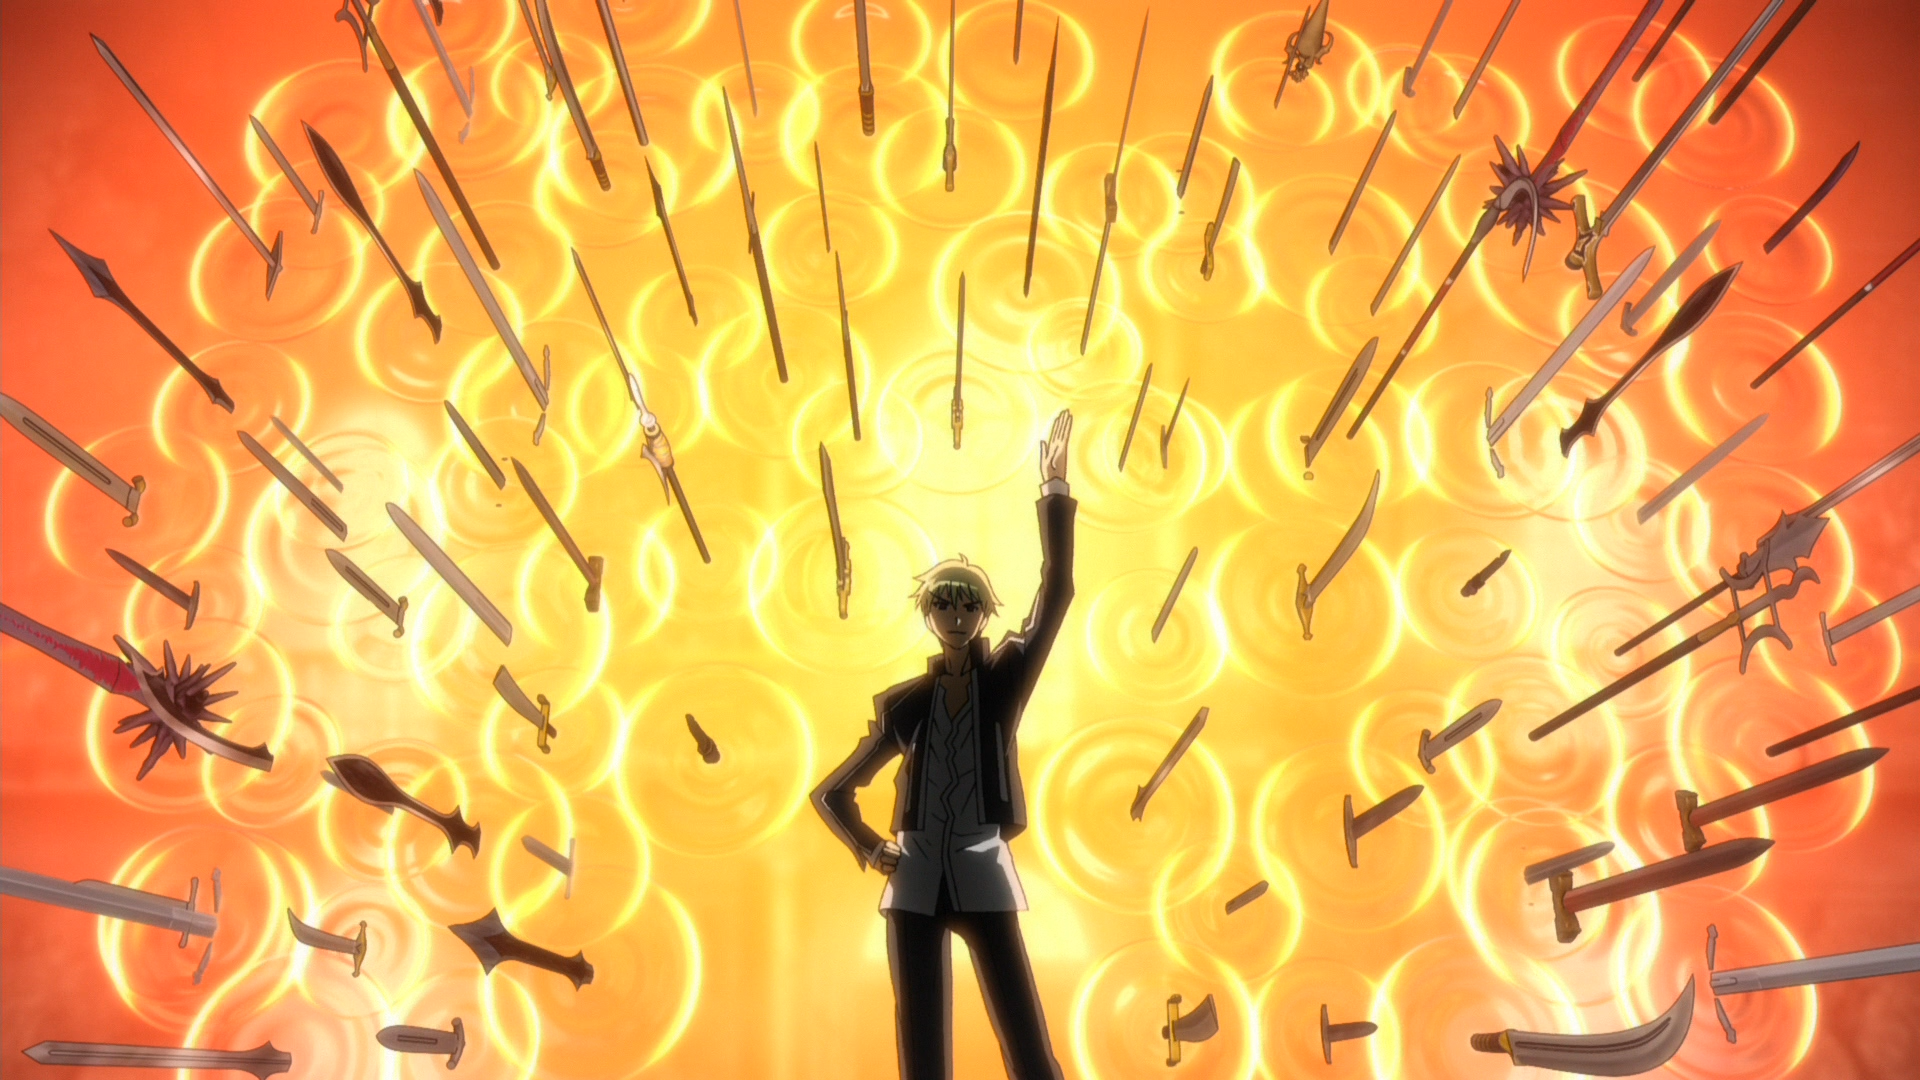 电影 Fate Stay Night Unlimited Blade Works 壁纸 Personagens De